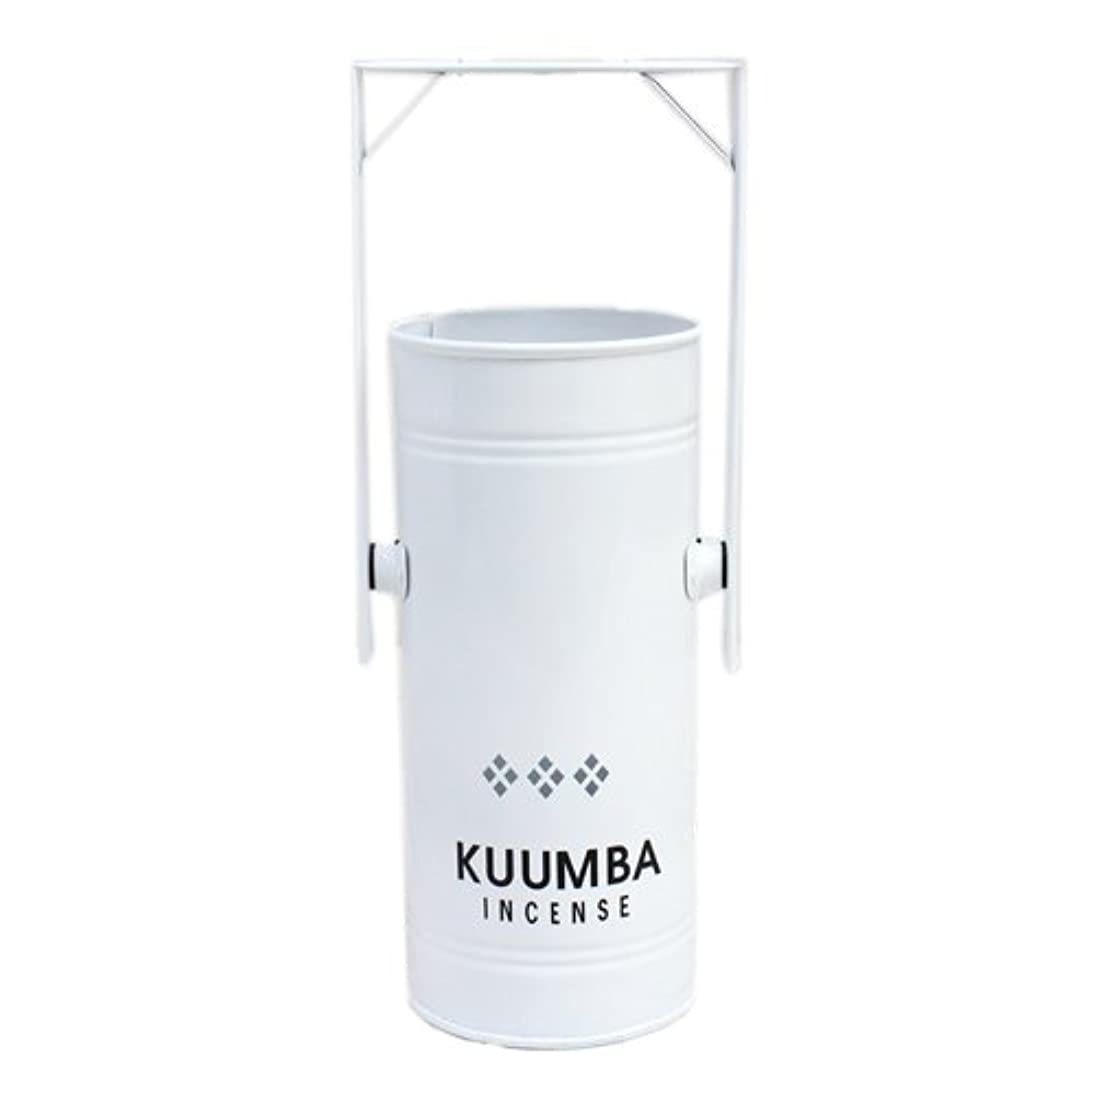 法廷ベックスおめでとうKUUMBA (クンバ)『INCENSE BURNER-Regular』(WHITE) (ONE SIZE, WHITE)